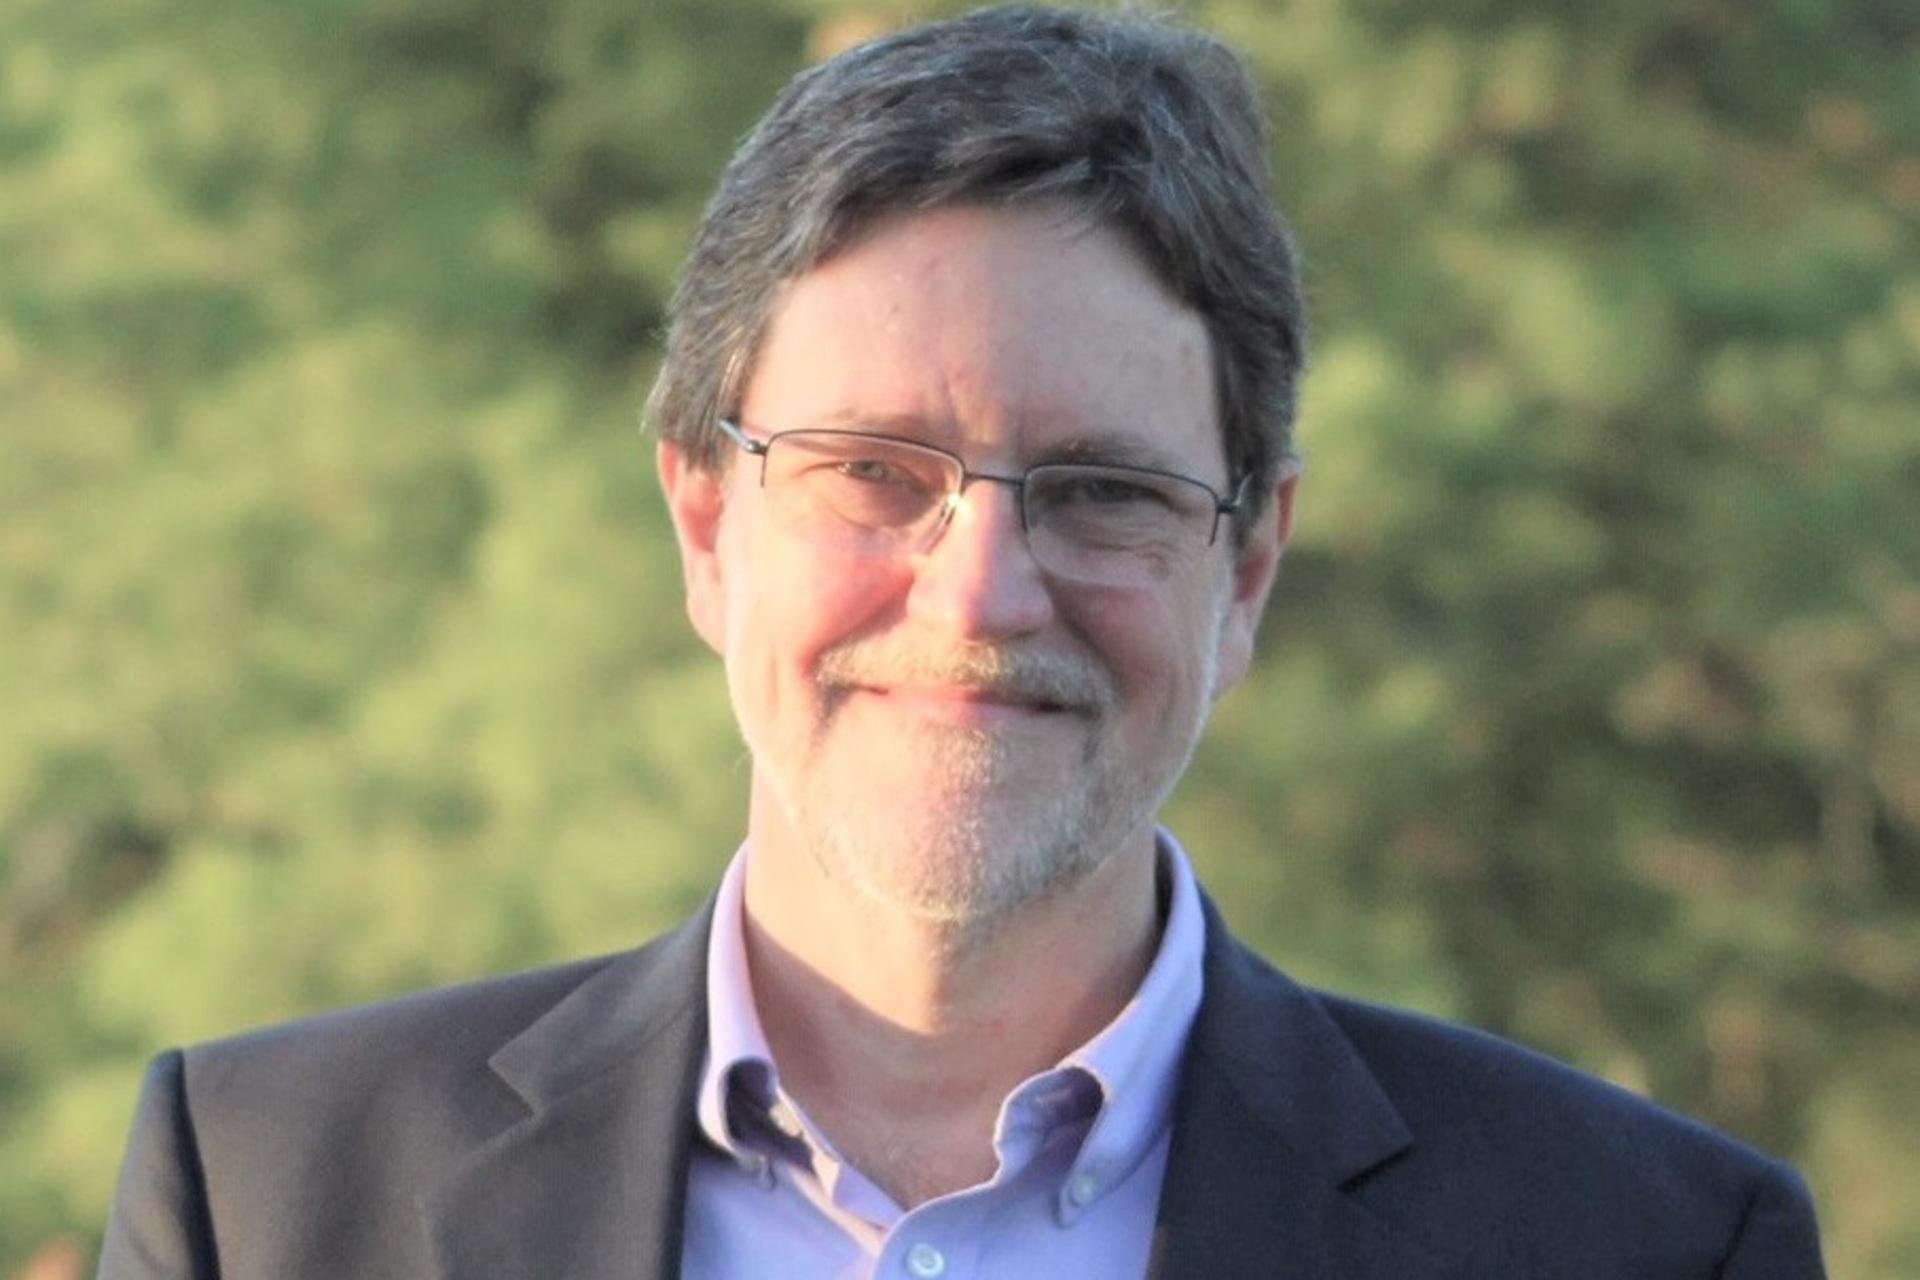 Mauro Porto discute Branquitude, Ressentimento e Revolução Conservadora no Brasil no Ciclo de Debates PPGCOM